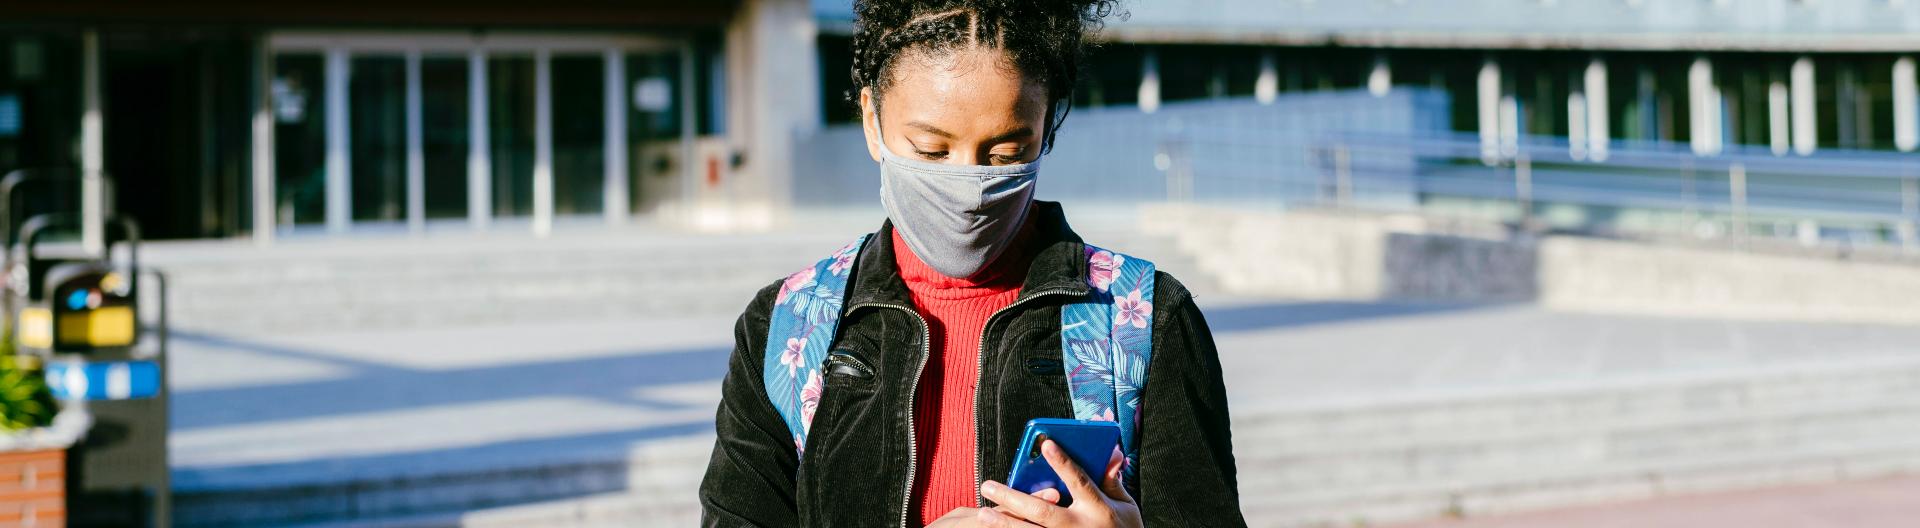 Junge Frau mit Mundschutz blickt auf ihr Smartphone